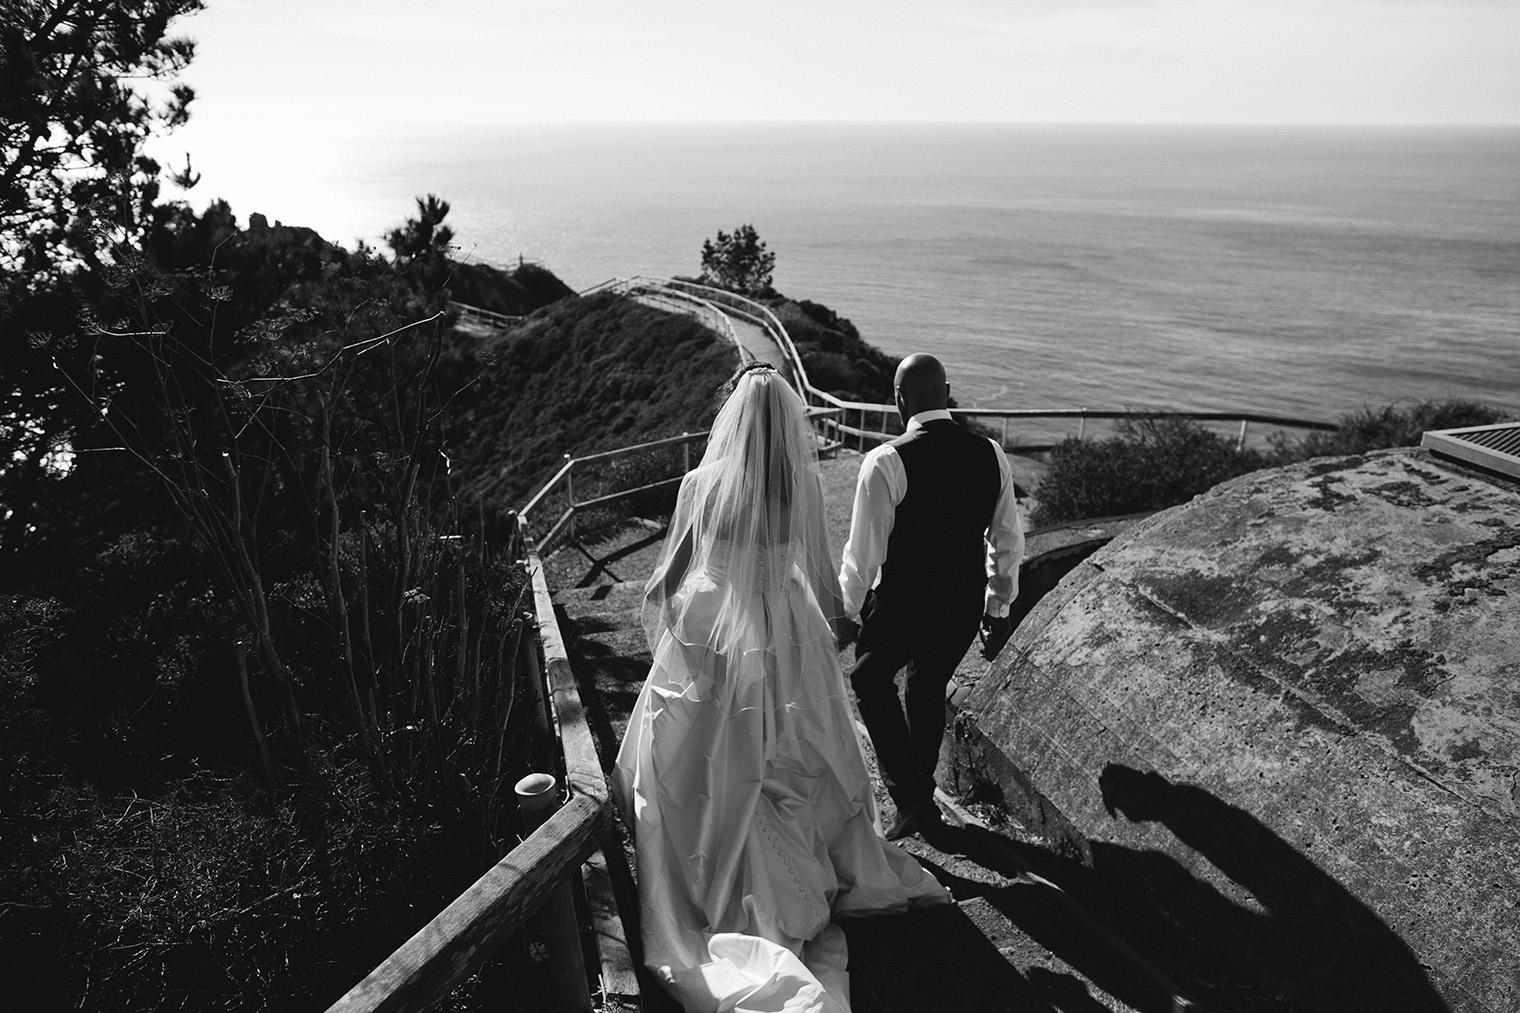 muir beach overlook wedding